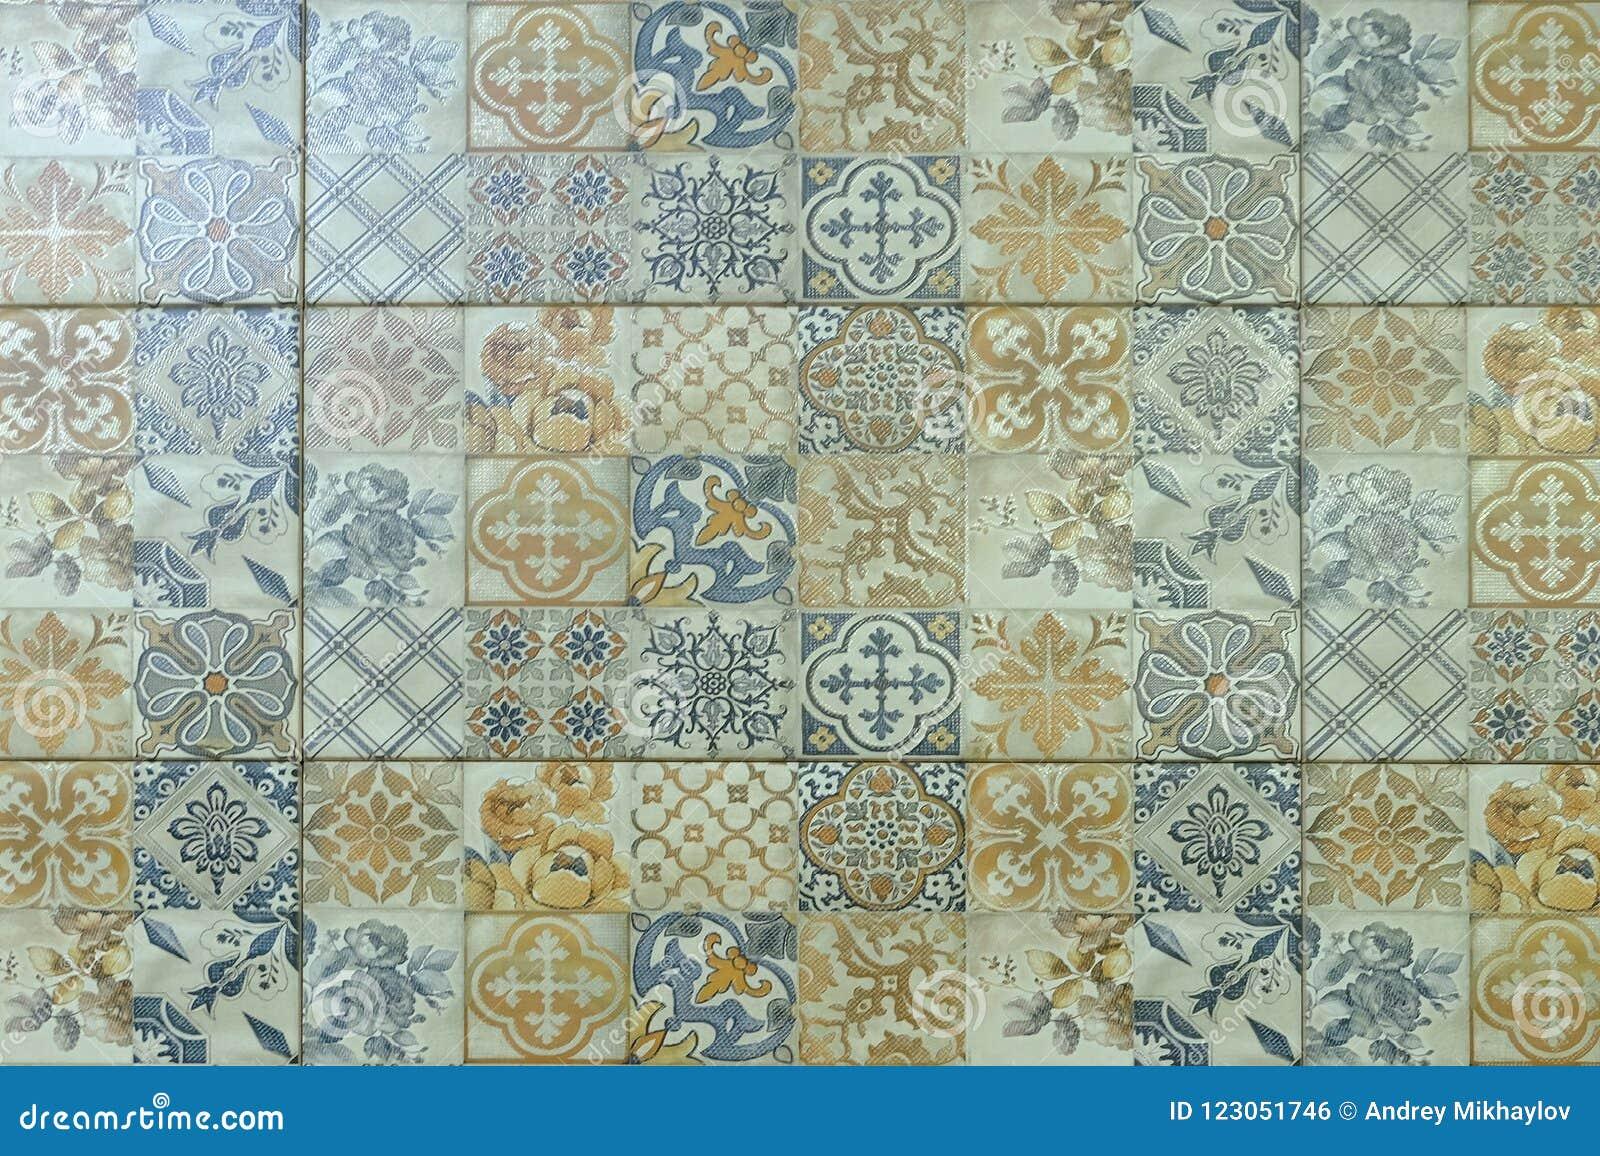 Modèle Carreaux Pour Cuisine carreaux de céramique avec des ornements mosaïque, carreaux